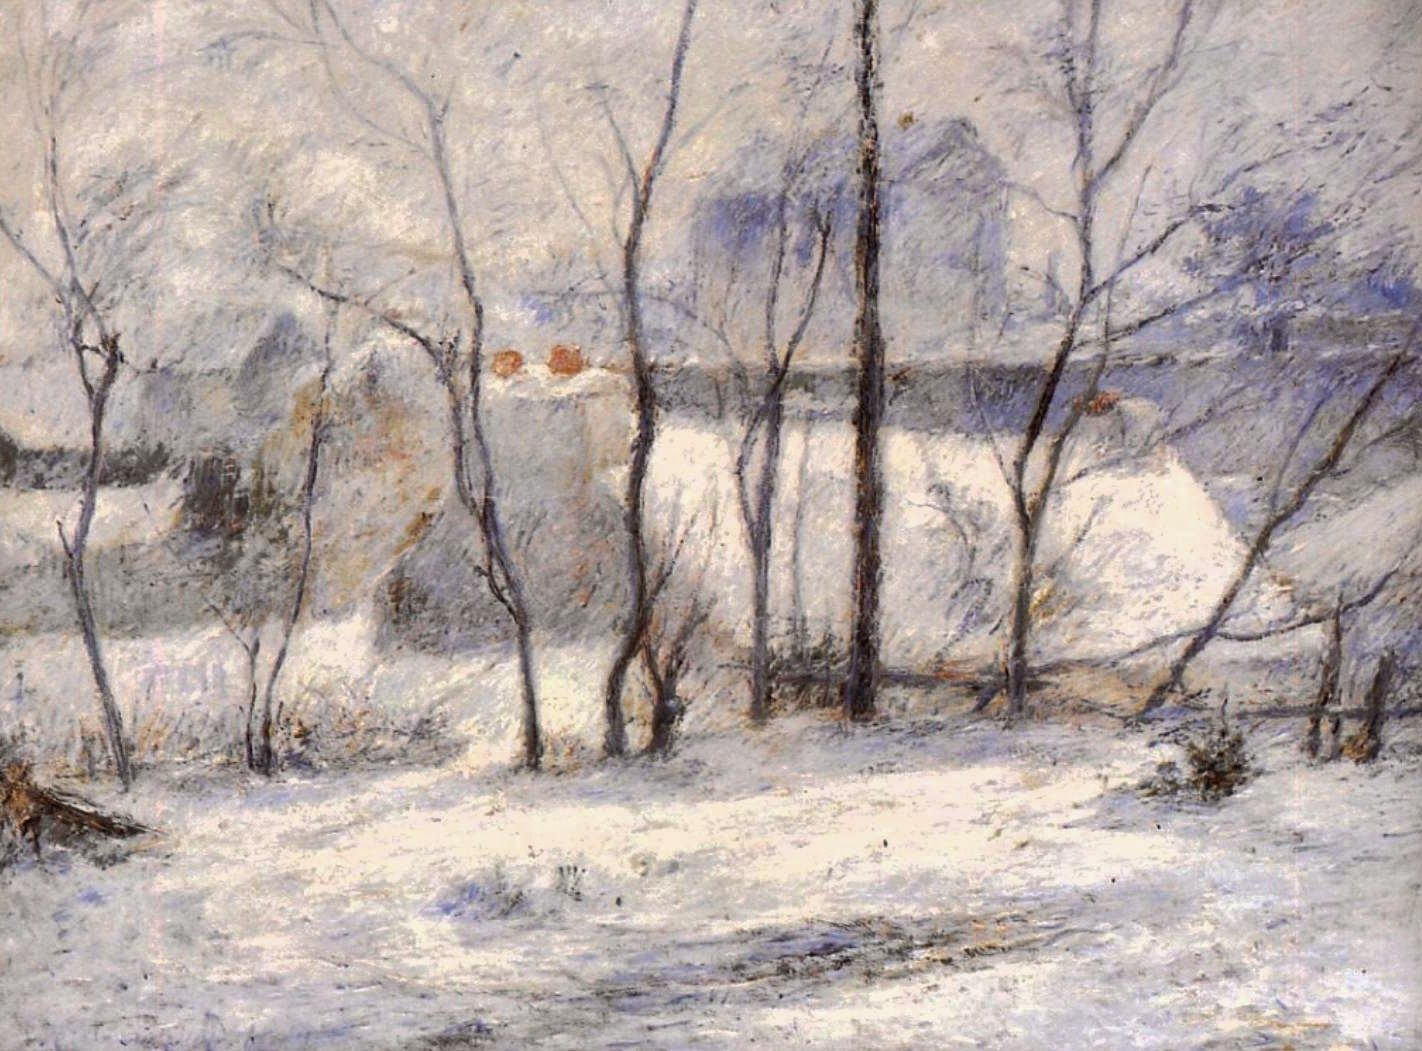 Зимний пейзаж < Зимний пейзаж, последствие снегопада (Снег в Вогирарде) >  :: Поль Гоген [ живопись постимпрессионизм ] - Гоген Поль ( Paul Gauguin ) фото